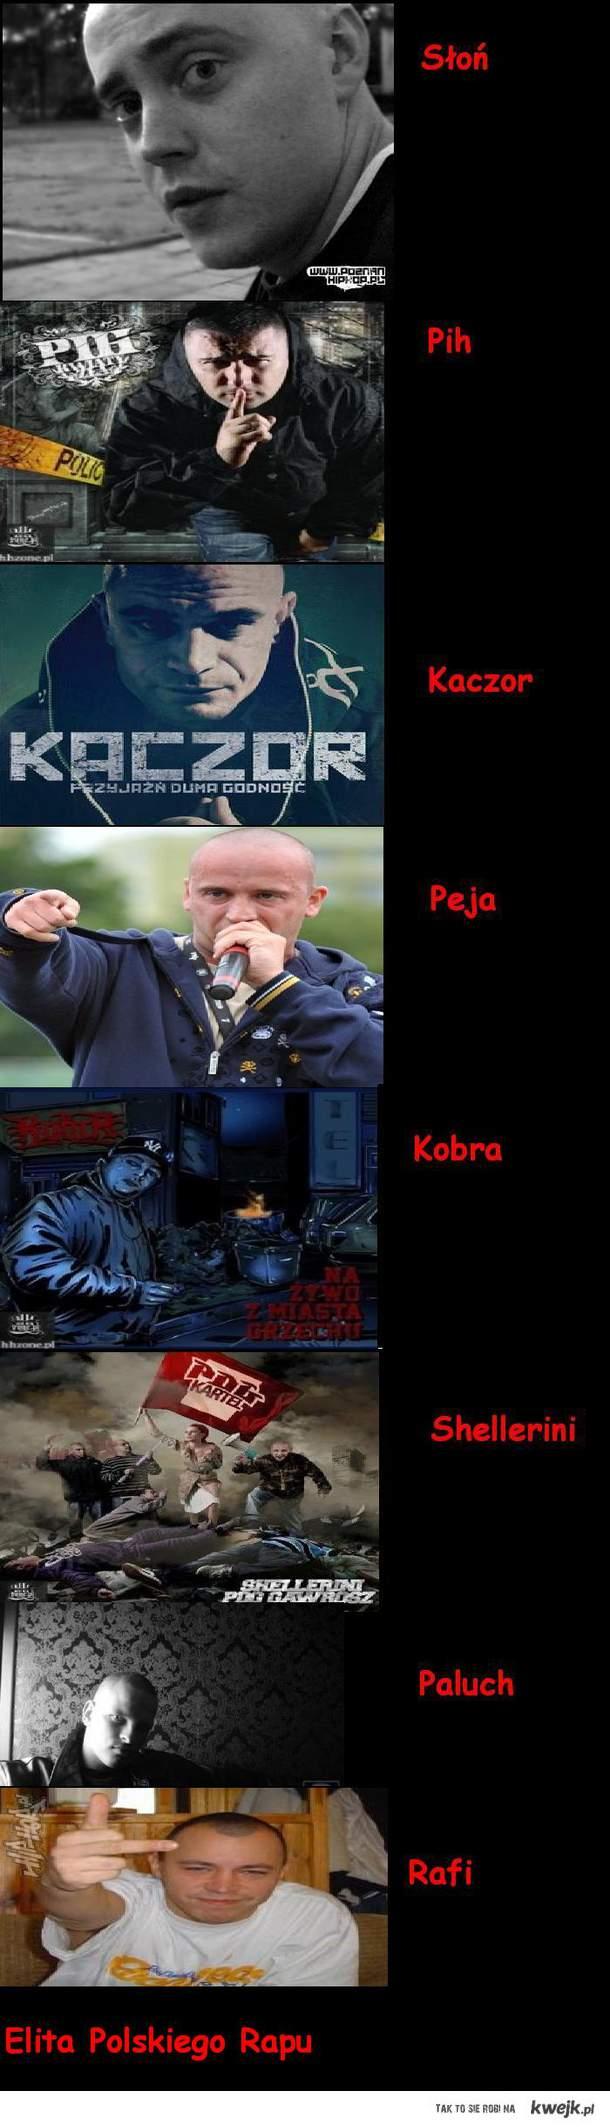 Elita Polskiego Rapu